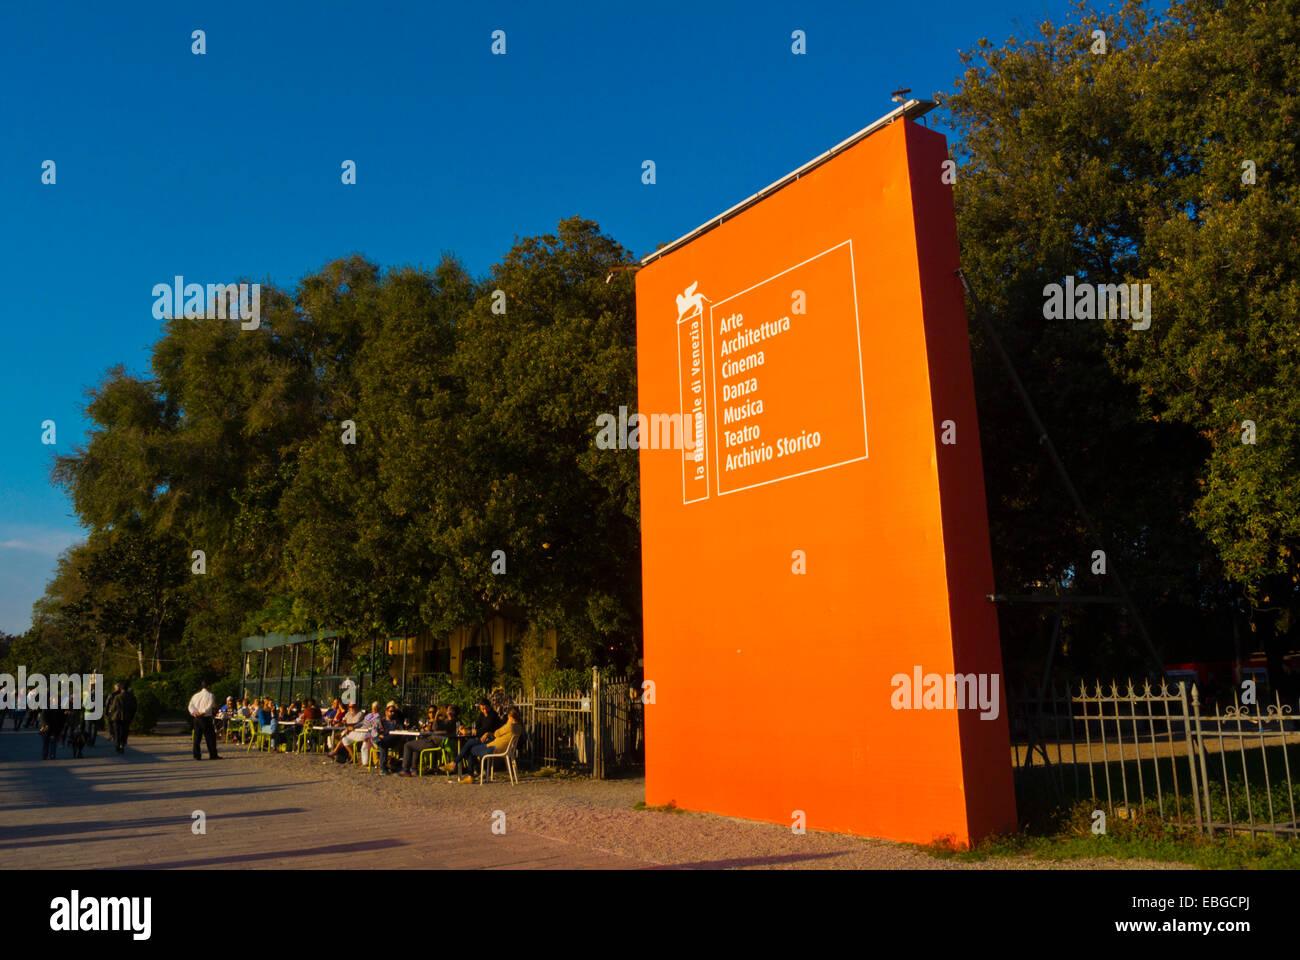 Giardini della Biennale, park in which Biennale is held, Castello, Venice, Italy - Stock Image